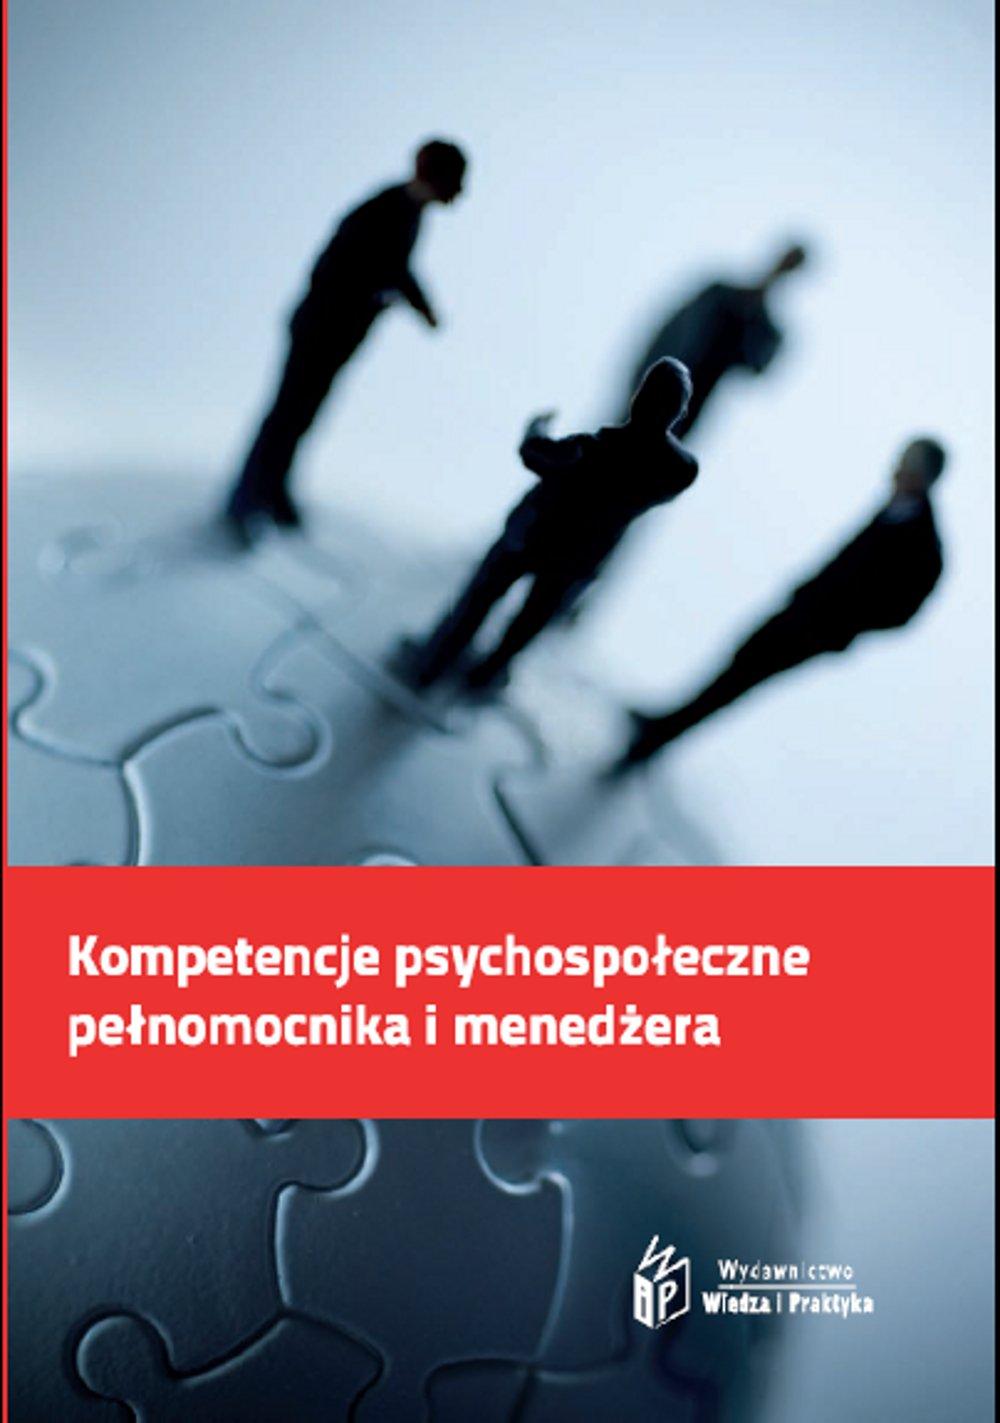 Kompetencje psychospołeczne pełnomocnika i menedżera - Ebook (Książka na Kindle) do pobrania w formacie MOBI